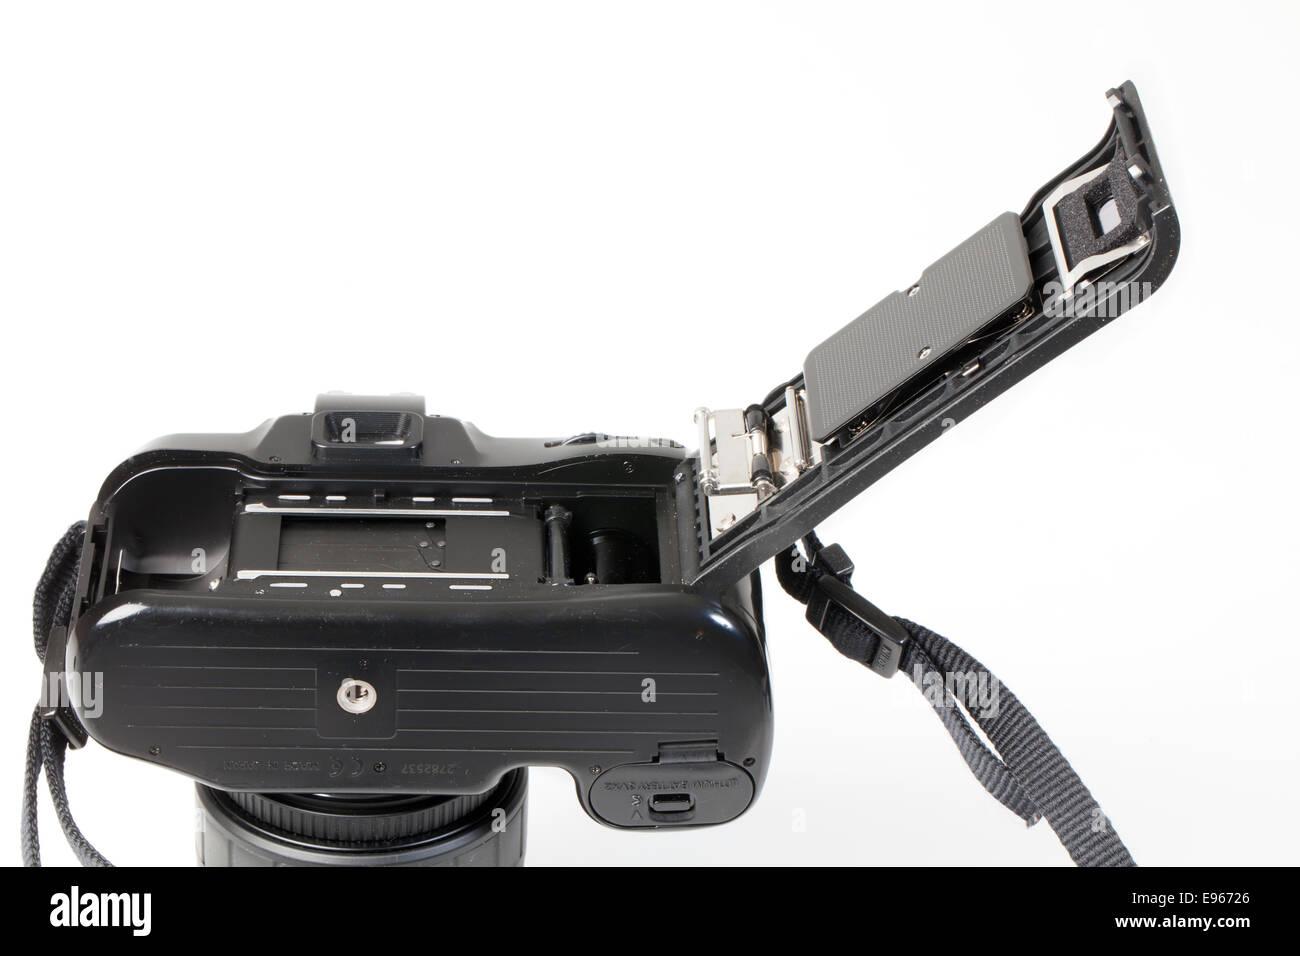 analoge 35mm Spiegelreflexkamera SLR Stockbild